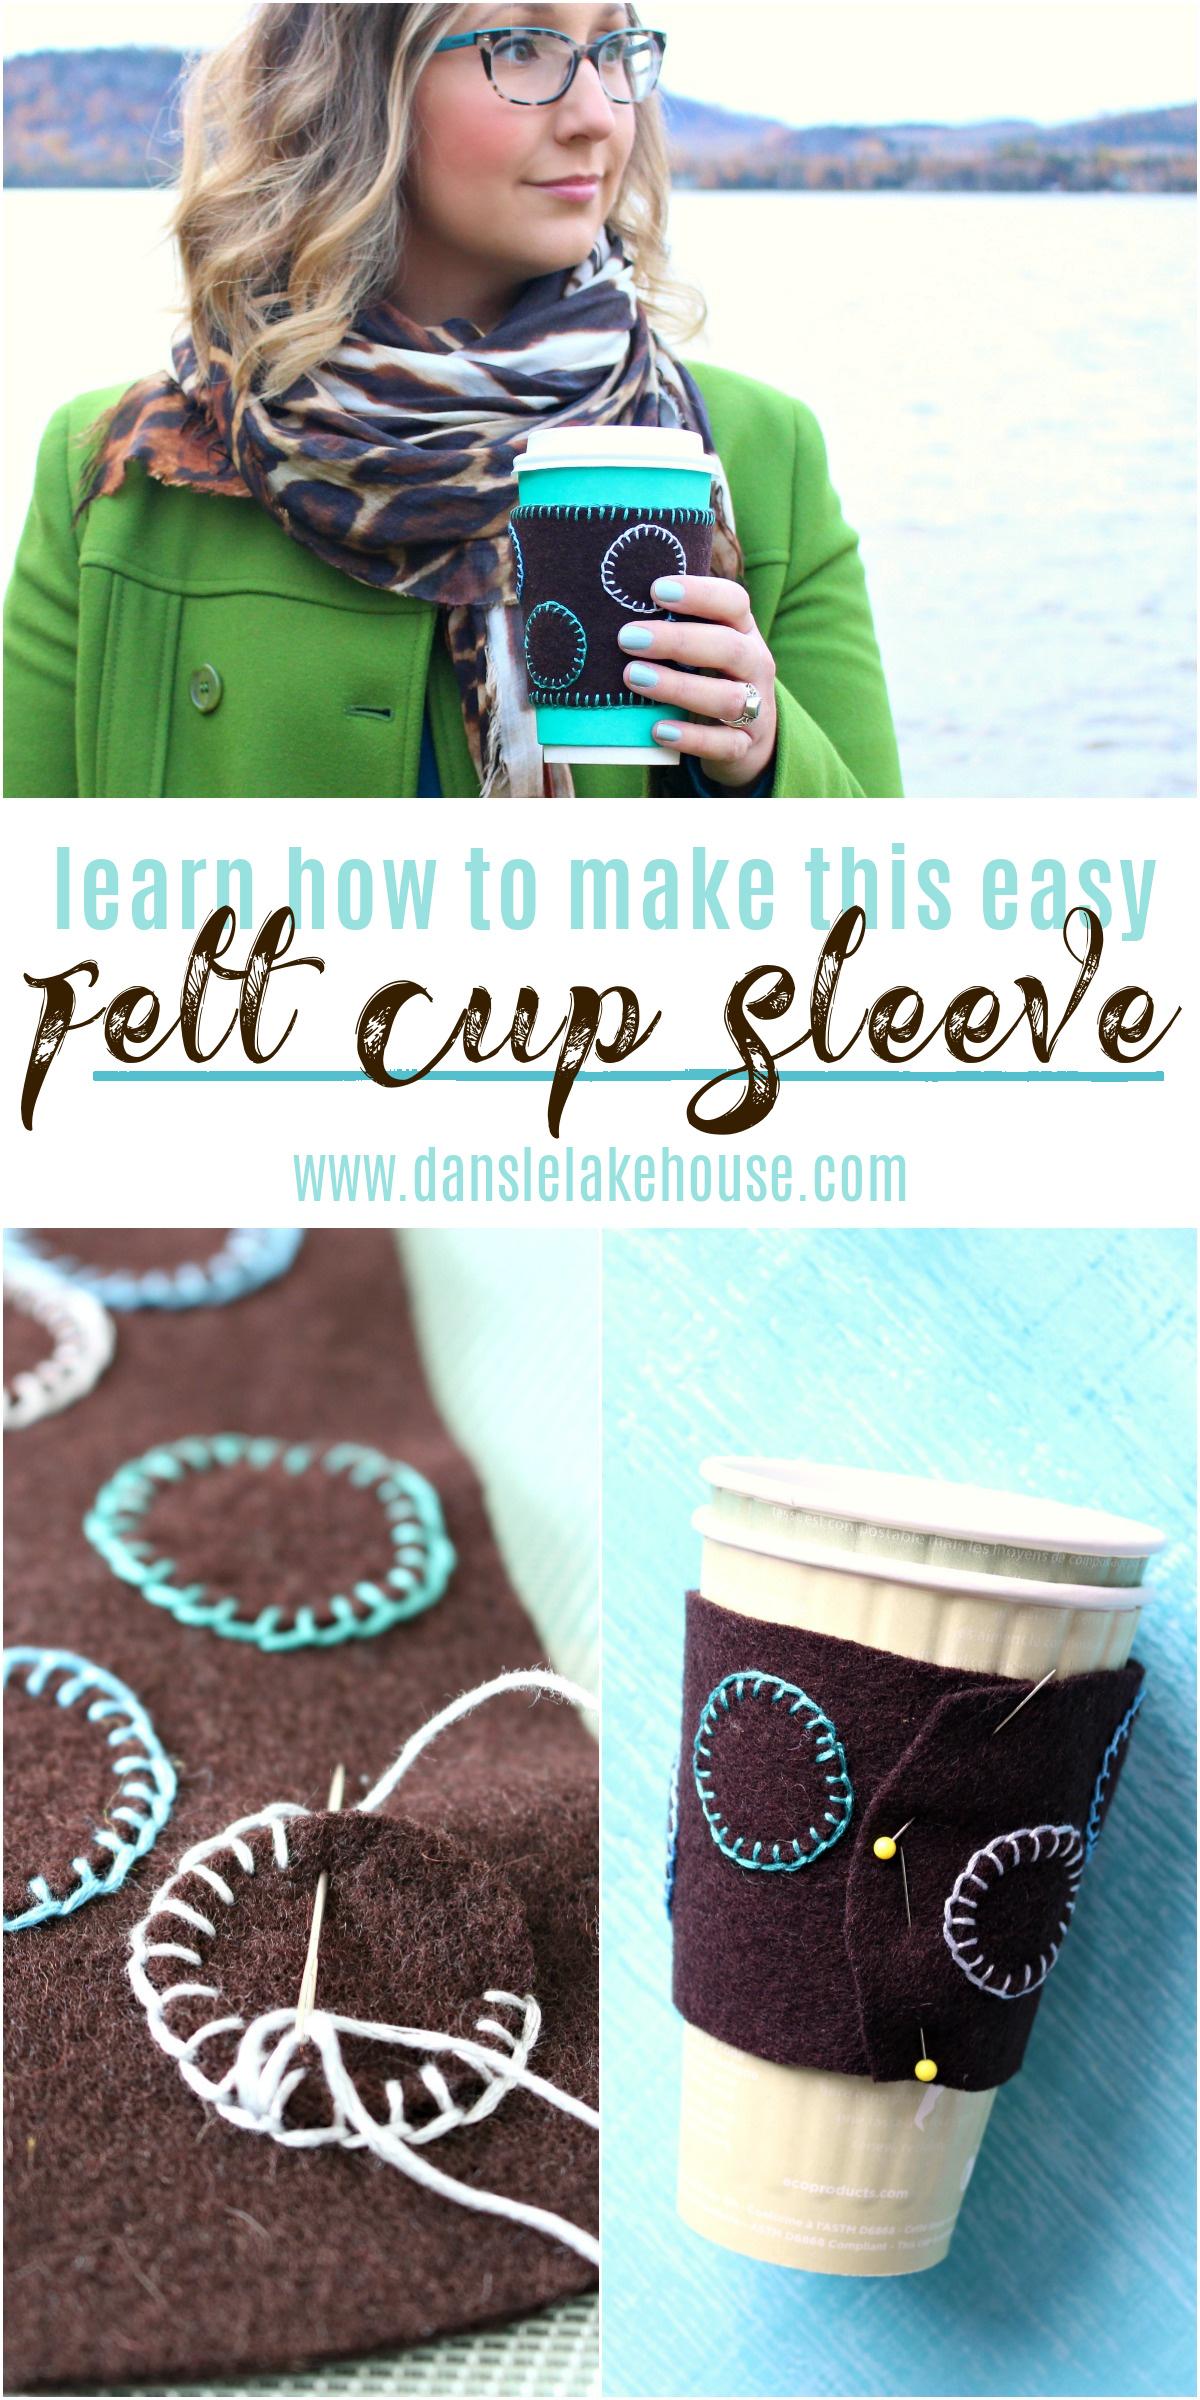 DIY Felt Cup Sleeve Tutorial